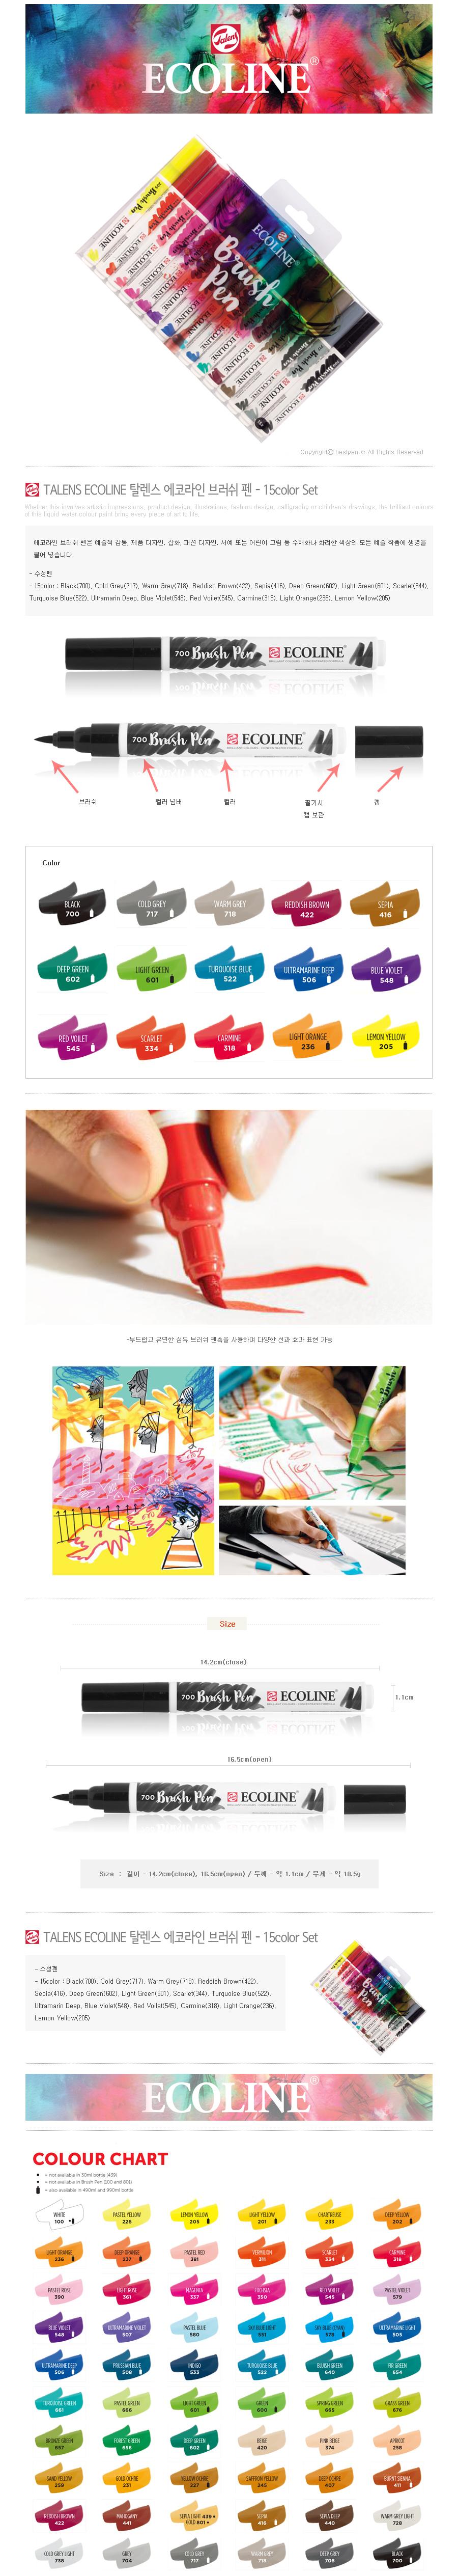 [로얄탈렌스] 탈렌스 에코라인 브러쉬펜 15color Set - 베스트펜, 64,000원, 데코펜, 캘리그라피펜